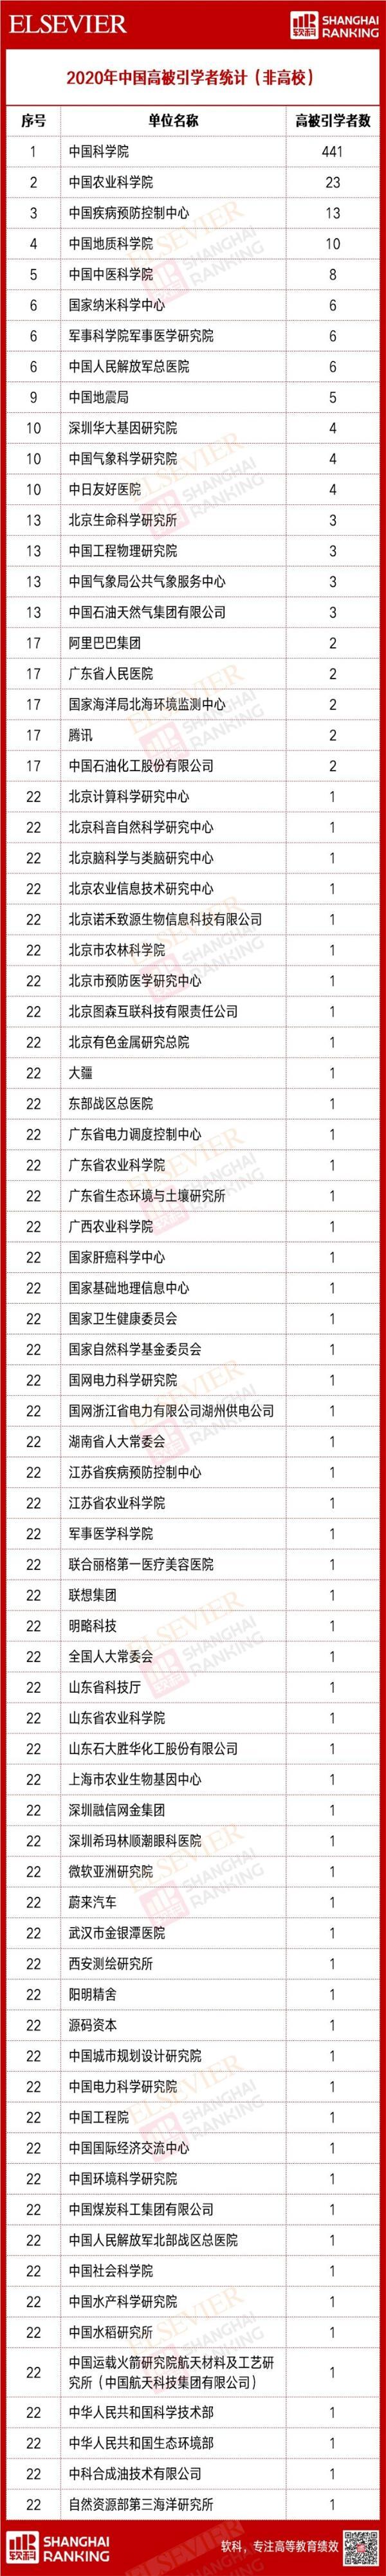 """2020年中国高被引学者榜单出炉:中山大学插进""""华五"""" 阿里腾讯榜上有名"""